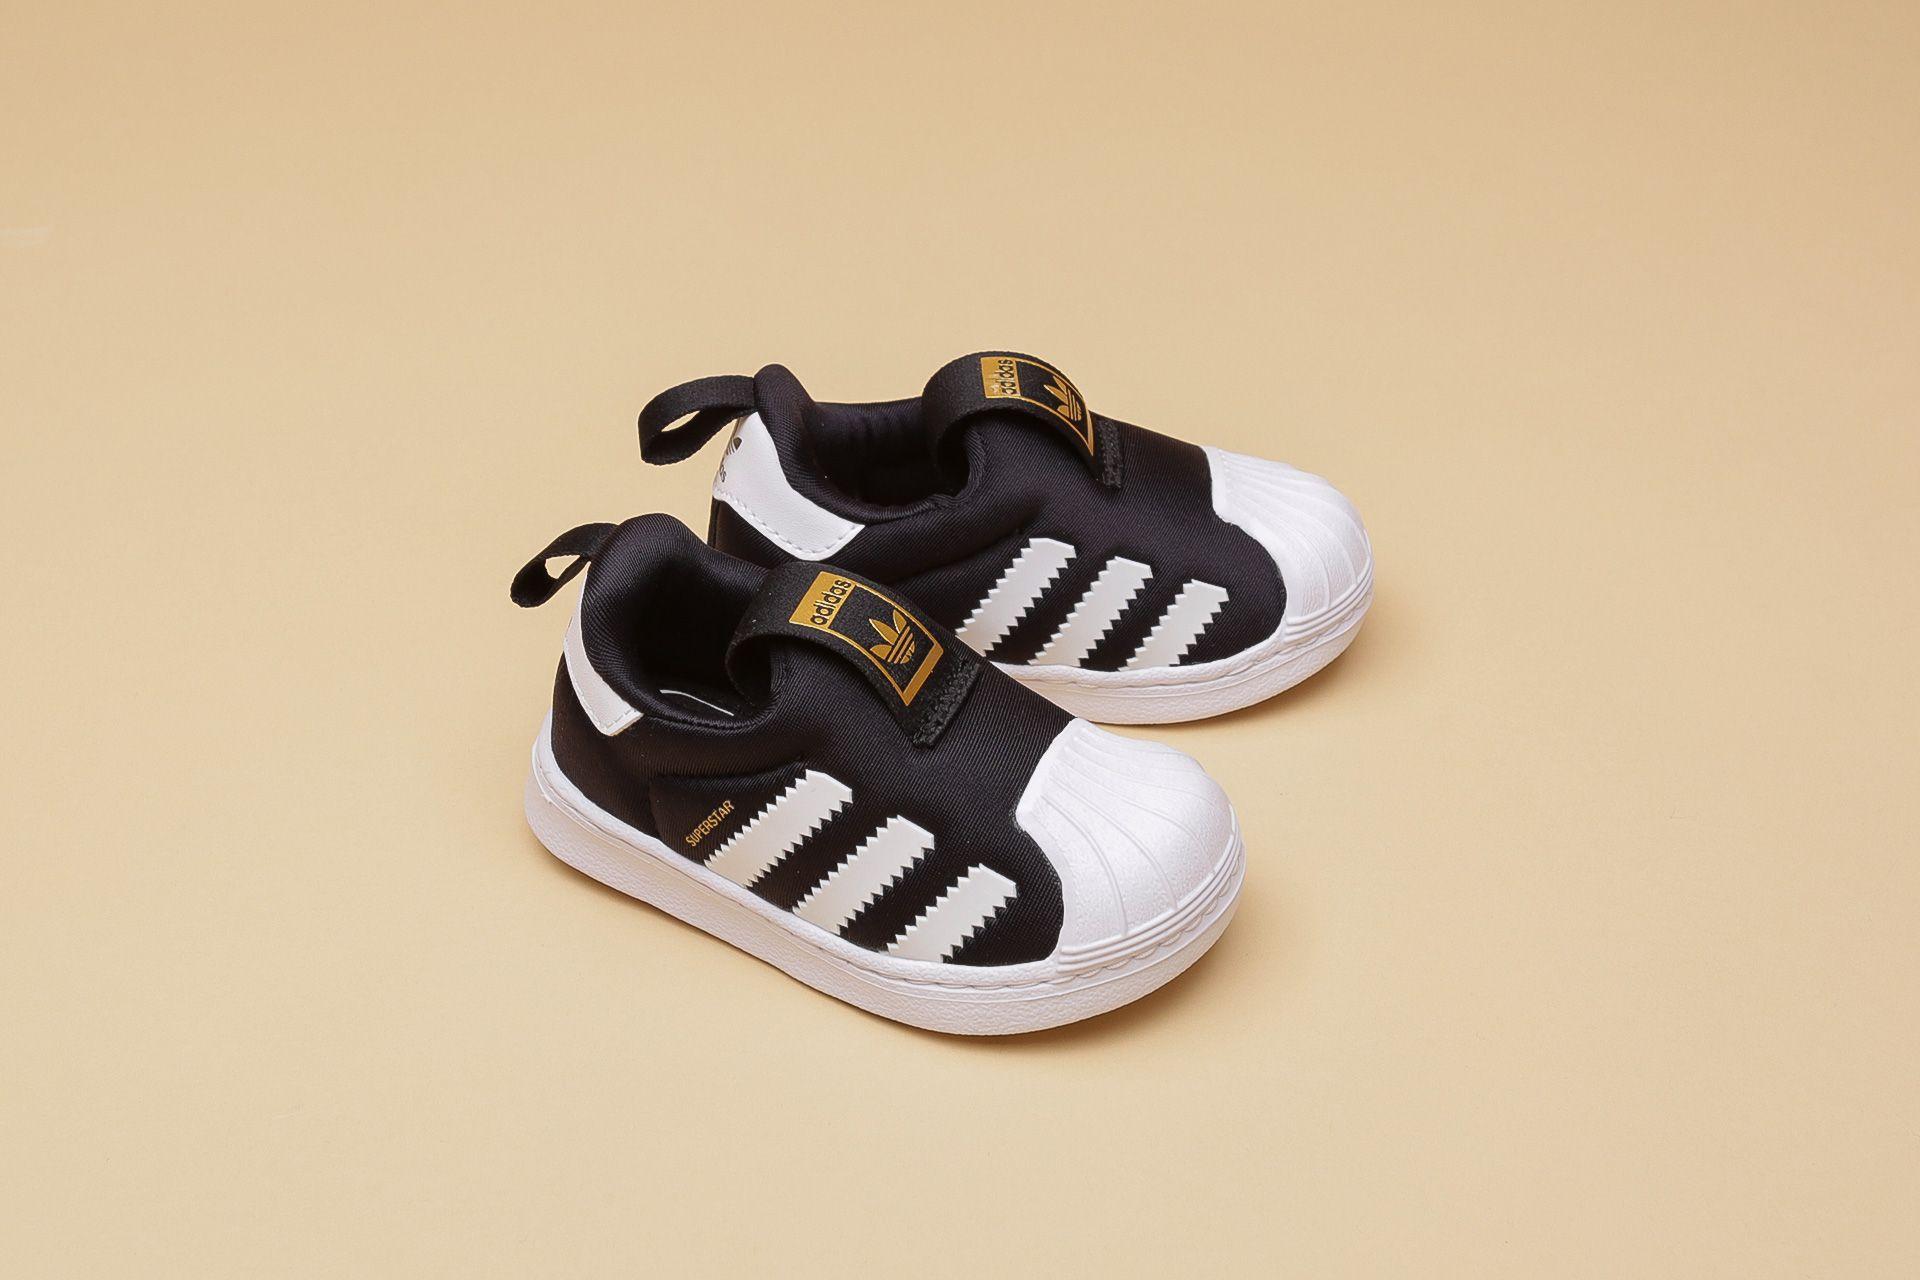 9f363ab3 Купить черные детские кроссовки Superstar 360 I от adidas Originals ...